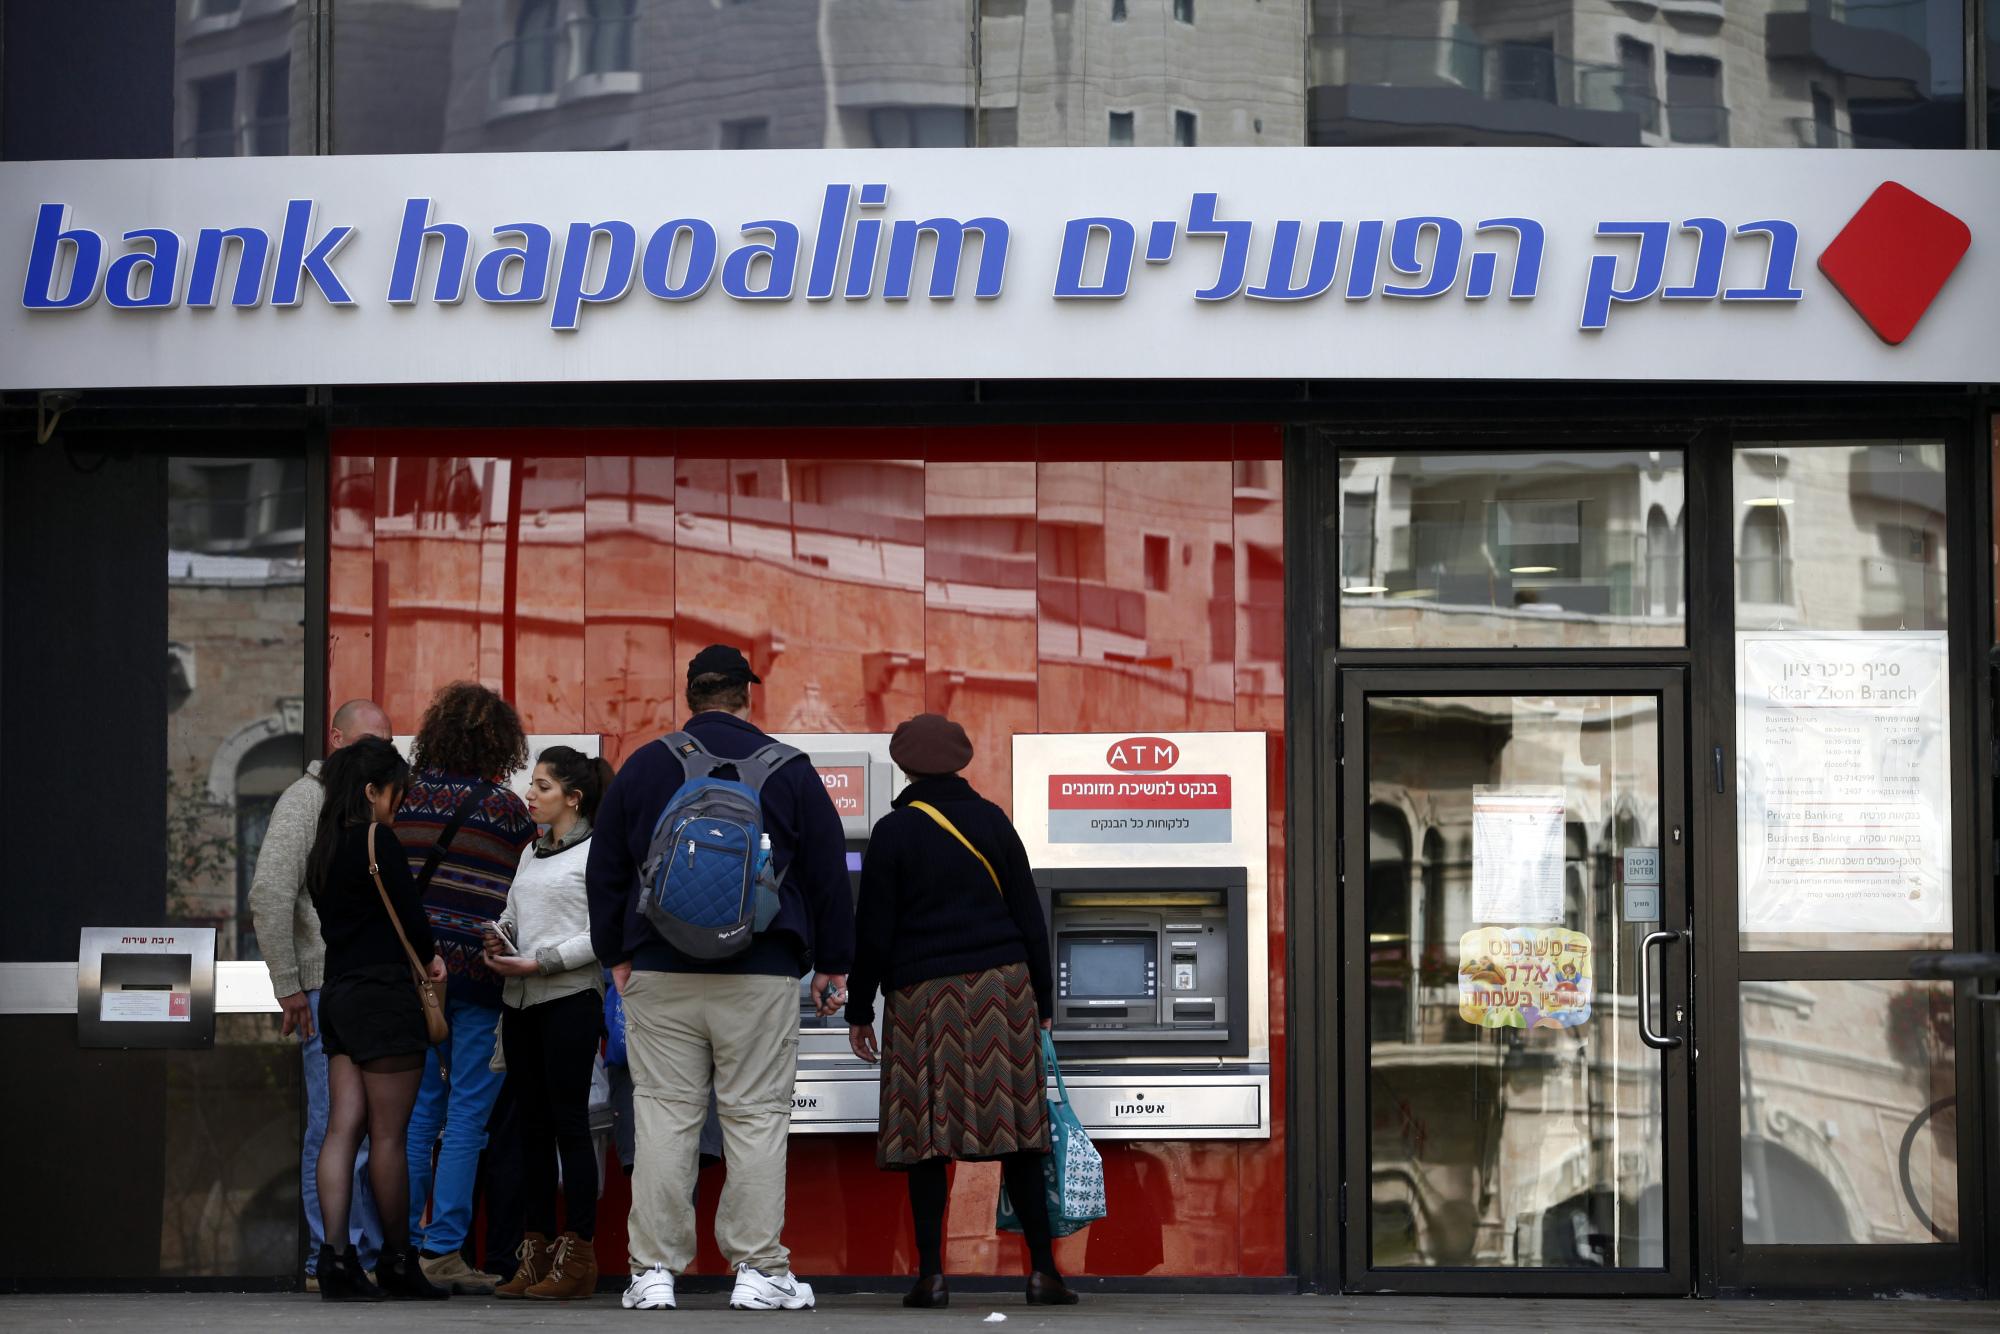 Bank Sets Aside 80 Million